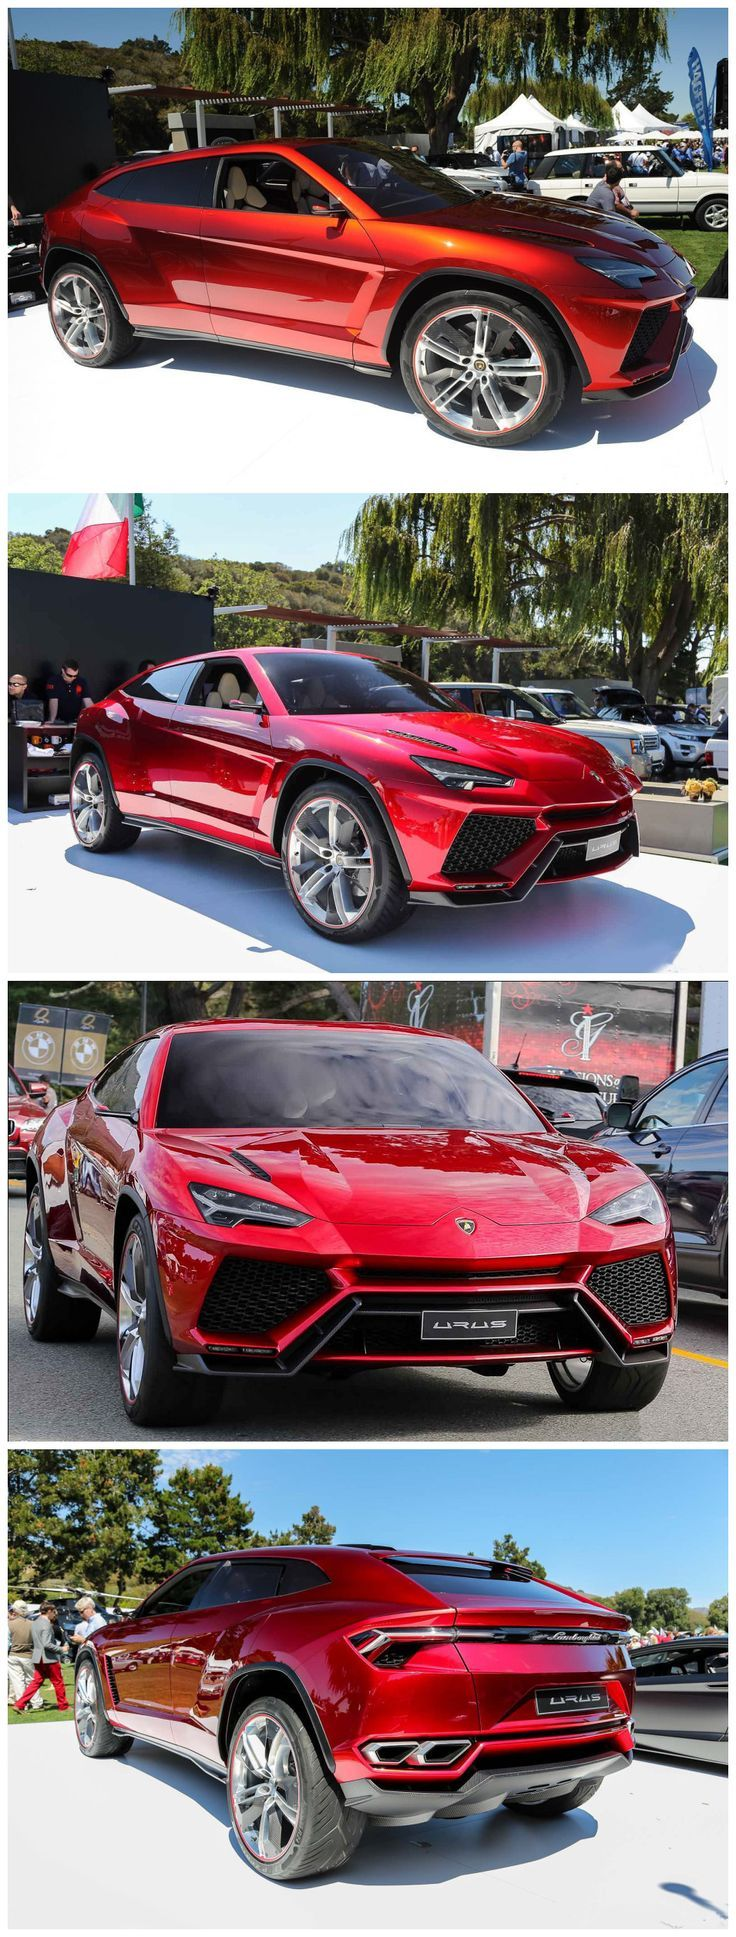 #Lamborghini Urus